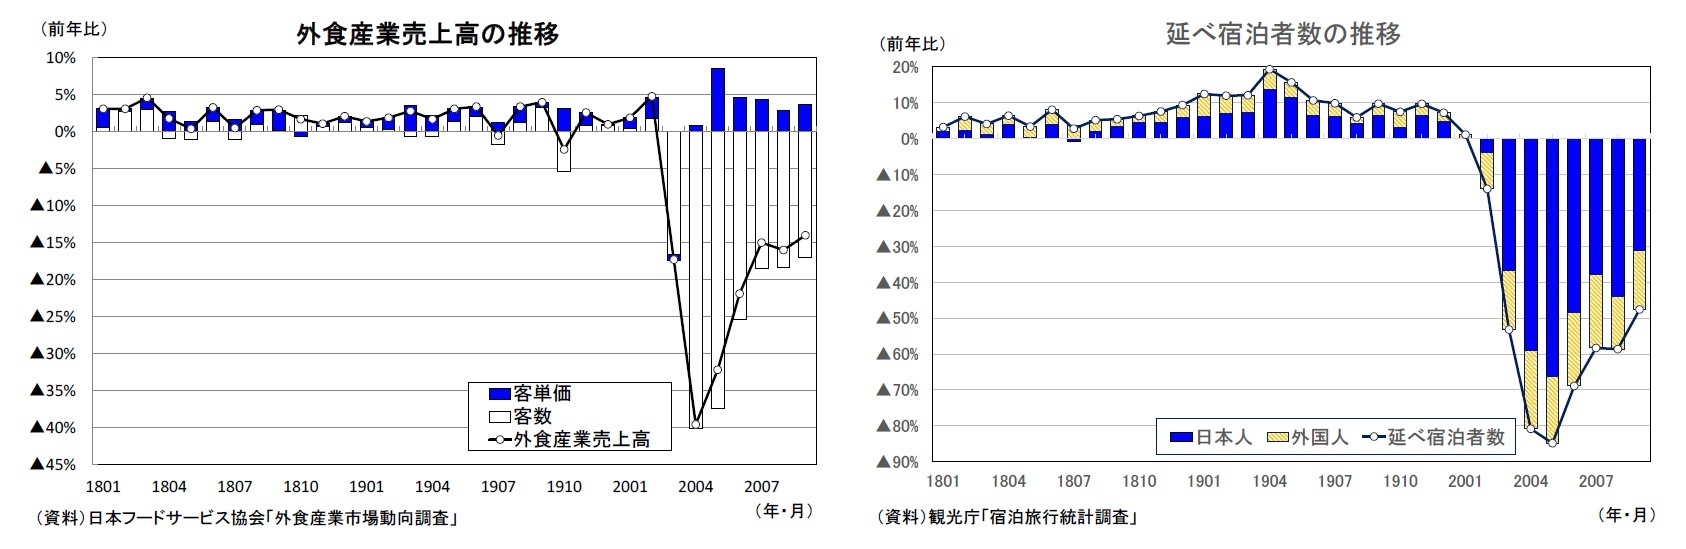 外食産業売上高の推移/延べ宿泊者数の推移